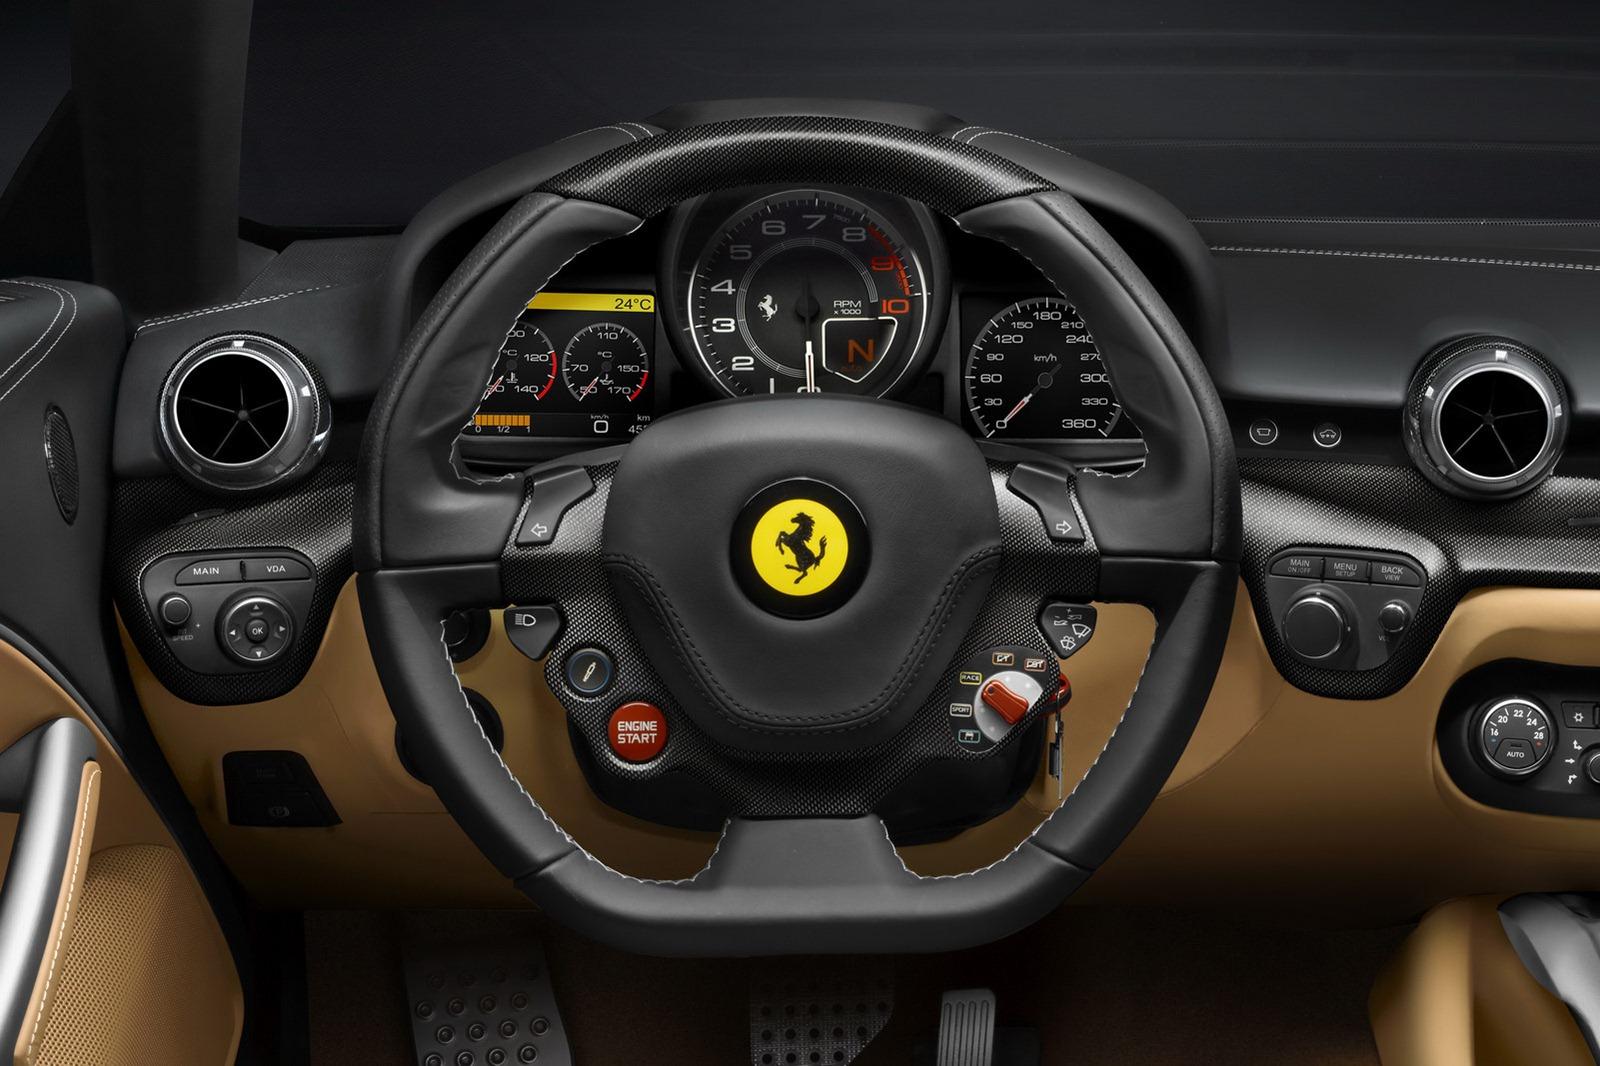 http://1.bp.blogspot.com/-eU1OxLXsKCY/T2QdRImyhbI/AAAAAAAAClc/oPALVcDgsJI/s1600/Ferrari-F12Berlinetta-wallpaper_5.jpg